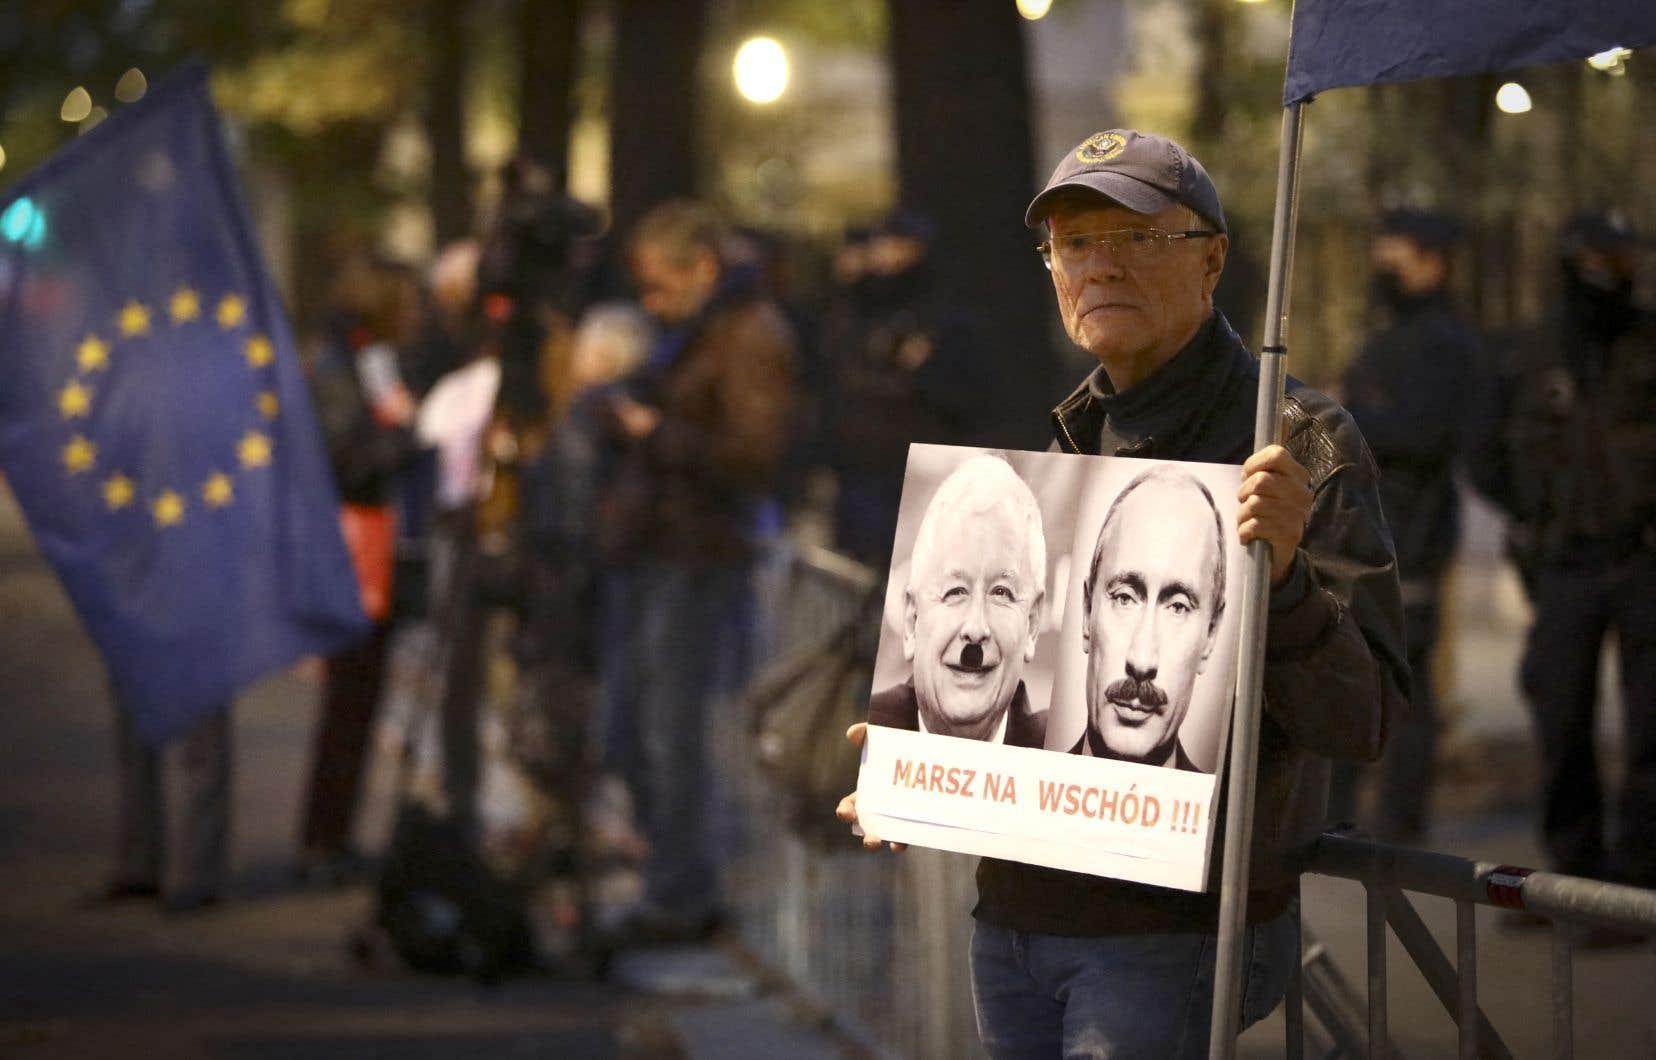 Pour la population, dont certains s'étaient massés devant le tribunal constitutionnel de Varsovie, drapeau européen à la main, dans l'attente d'un verdict, ce jugement équivaut à un retour à l'époque de la dictature communiste.